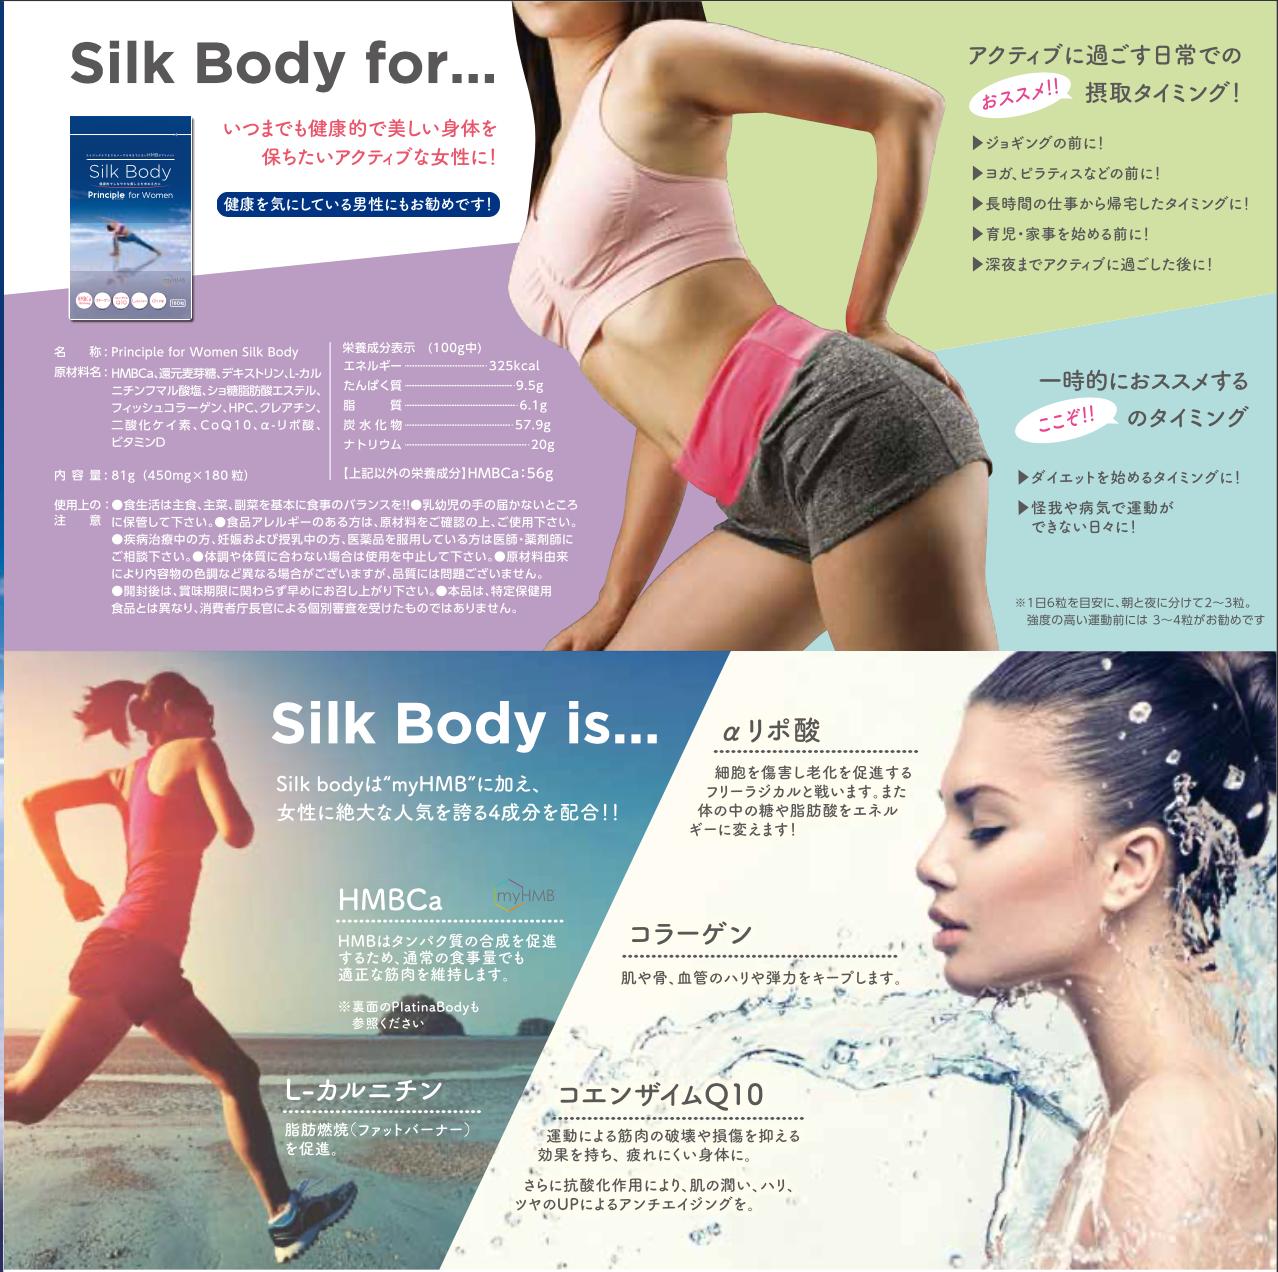 【残りわずか!アウトレット】賞味期限間近につき半額セール!!!賞味期限2021年3月【女性用サプリ:エイジングケア&HMB】Silk Body